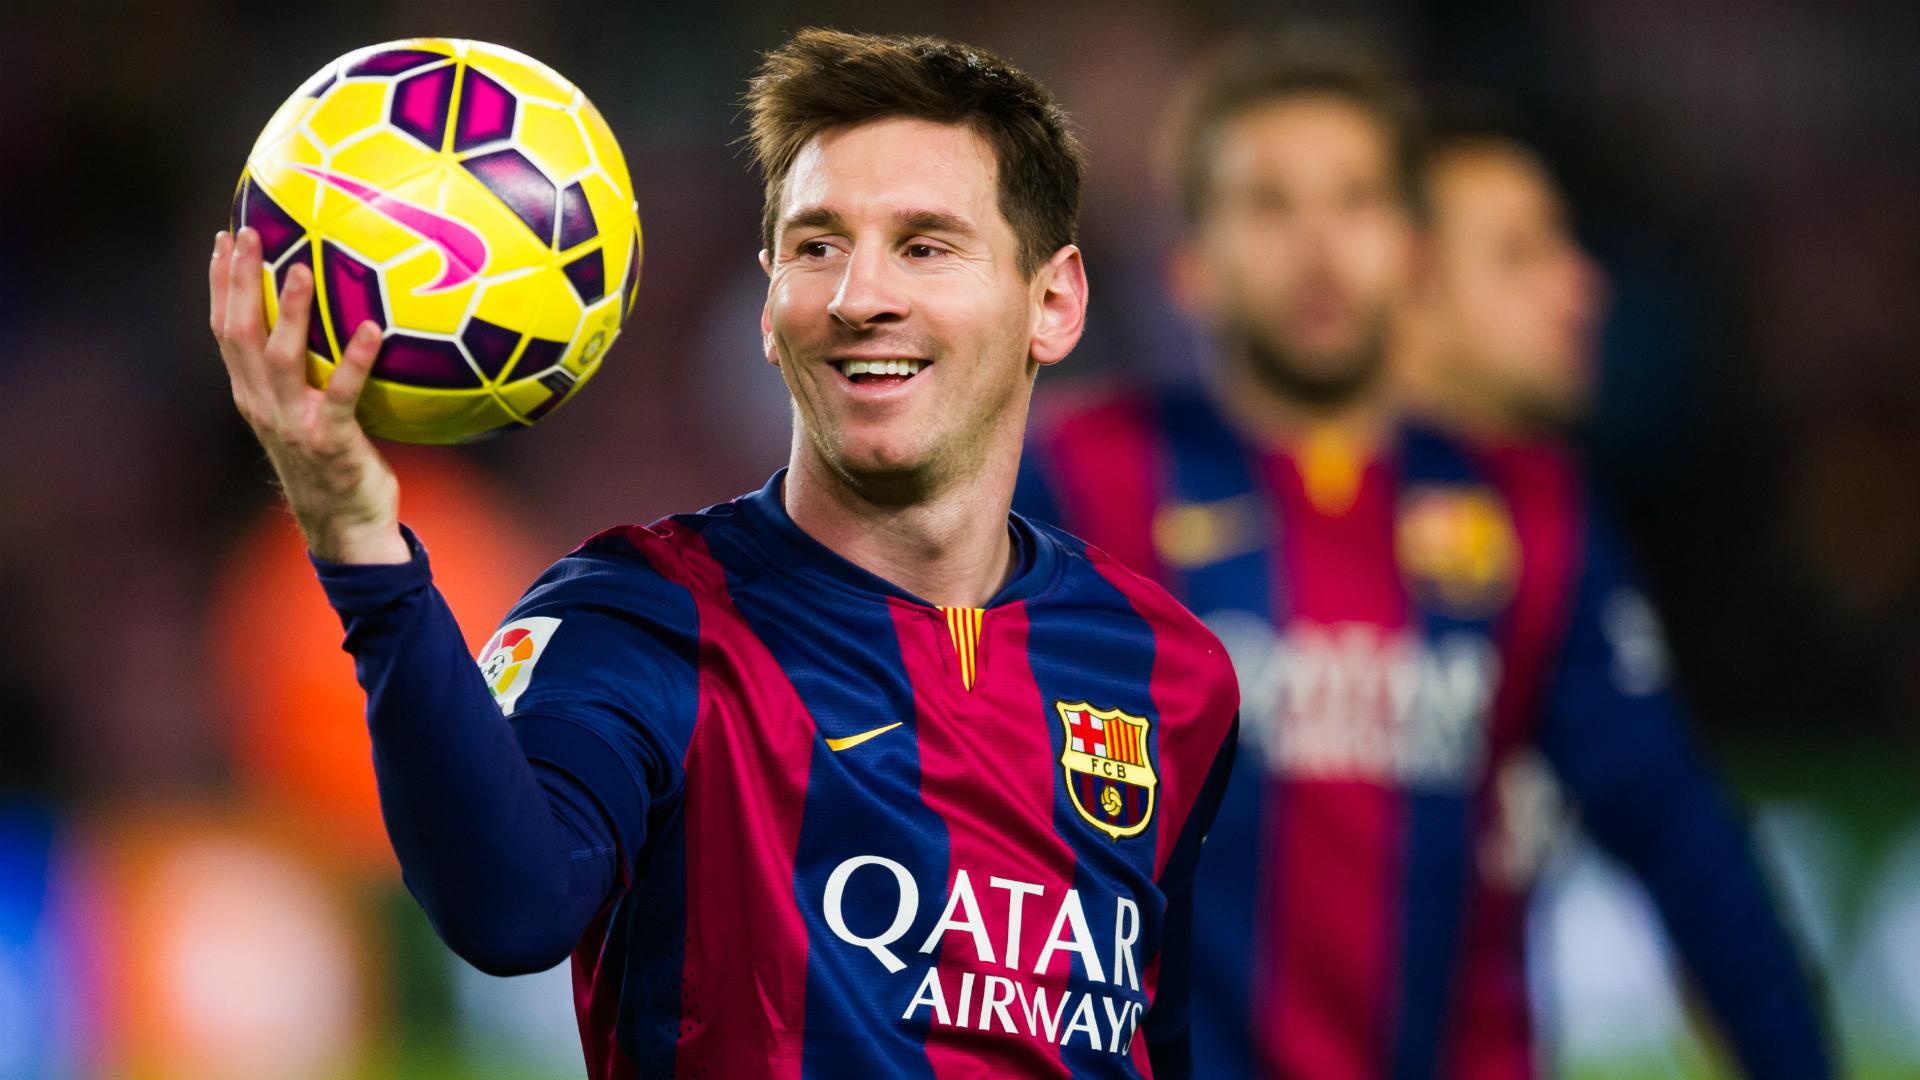 Messi celebration in the rain